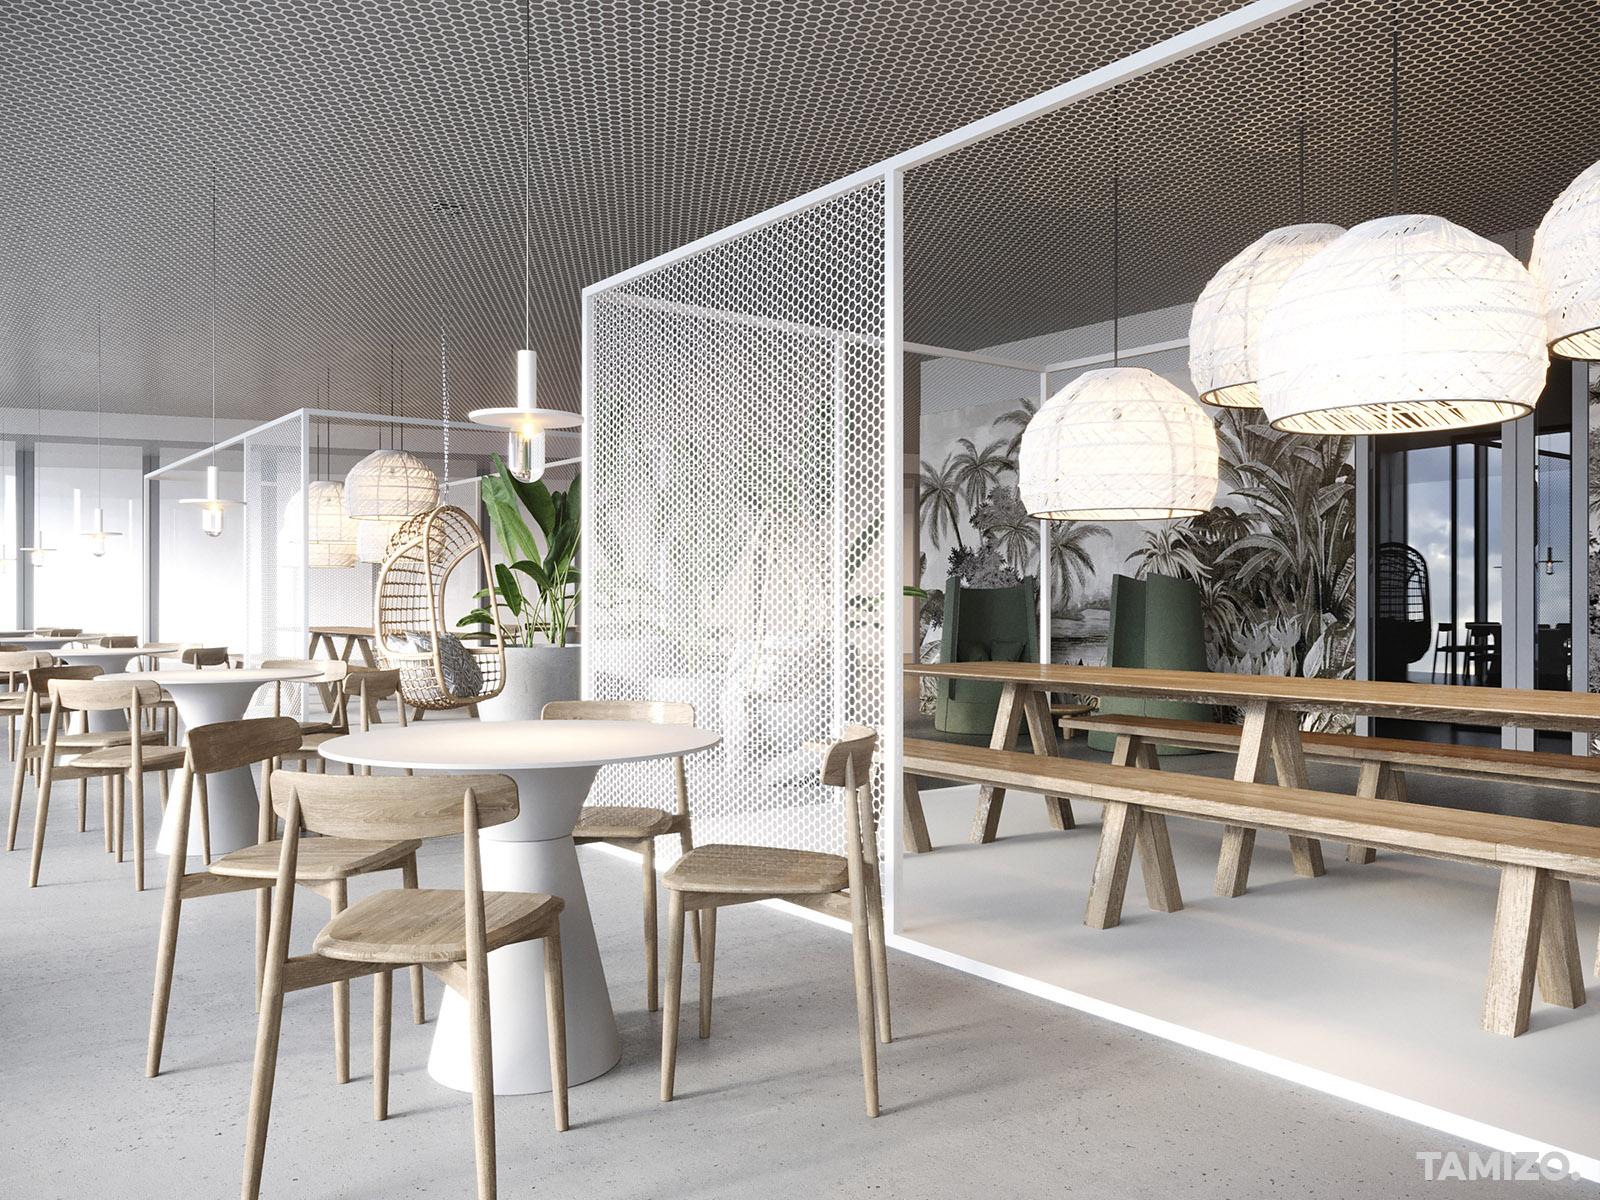 I092_tamizo_architects_projekt-wnetrz-restauracja-kantyna-mbank-mcafe-knajpa-bar-coffe-cafe-06